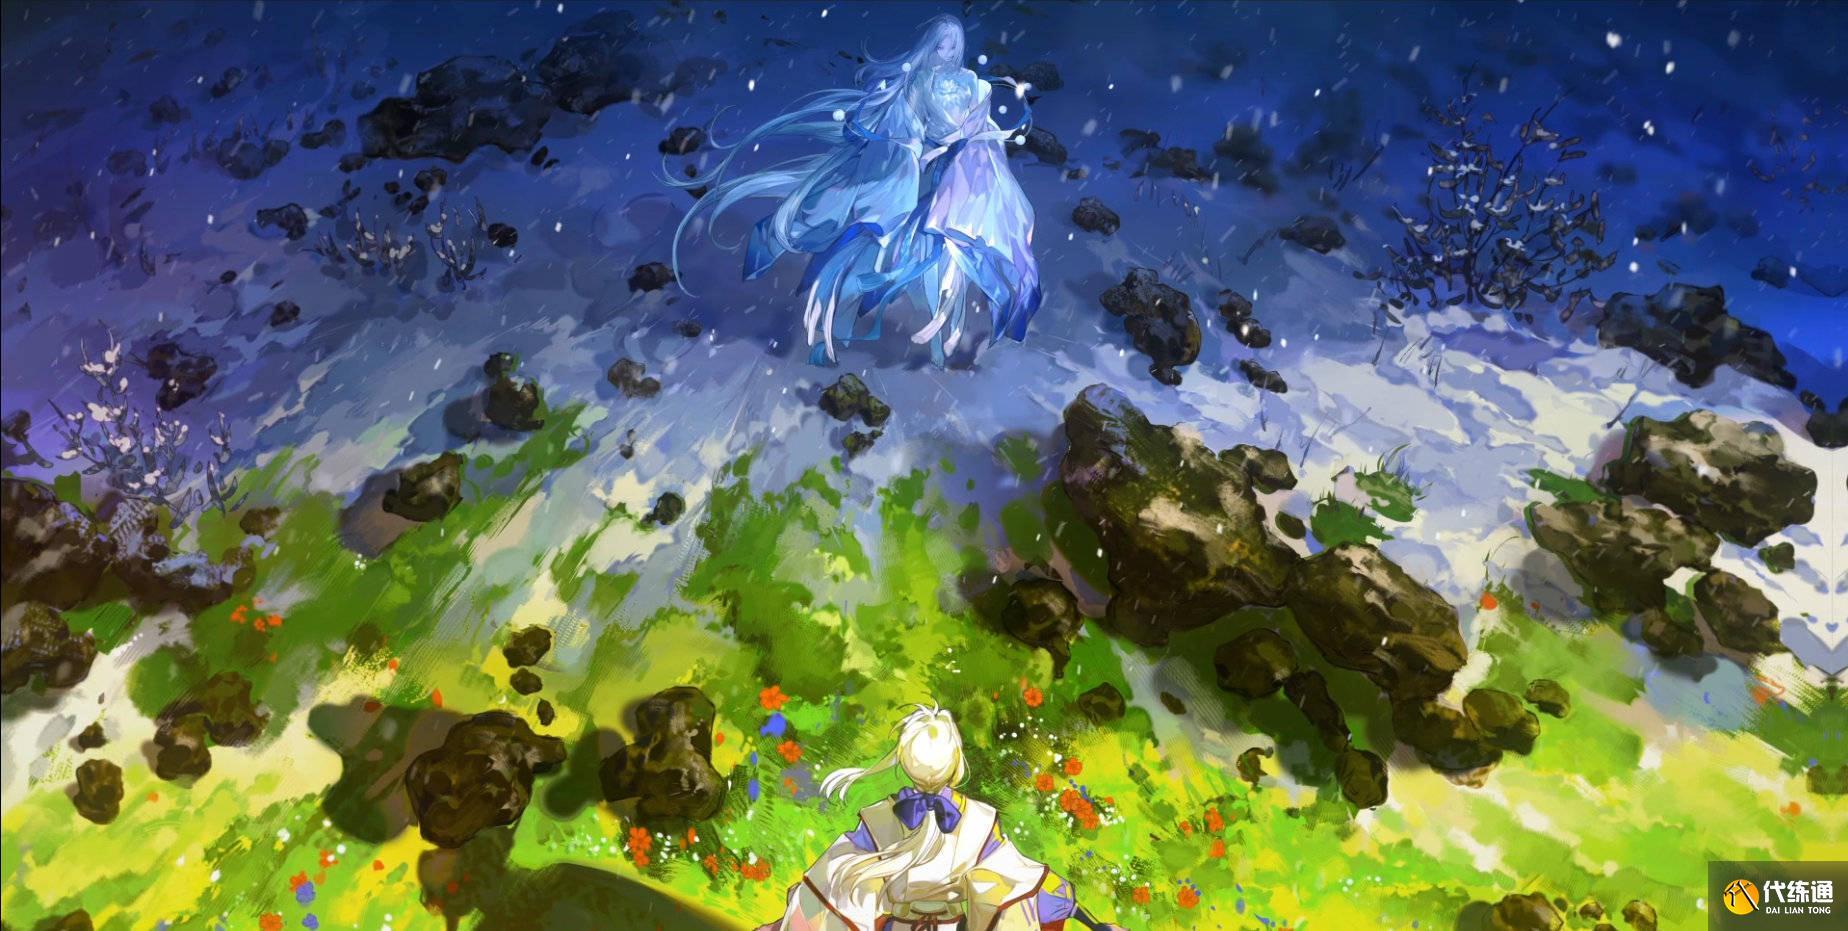 陰陽師新SP式神蟬冰雪女情報公開 回歸最傳統的純色調冰山美人